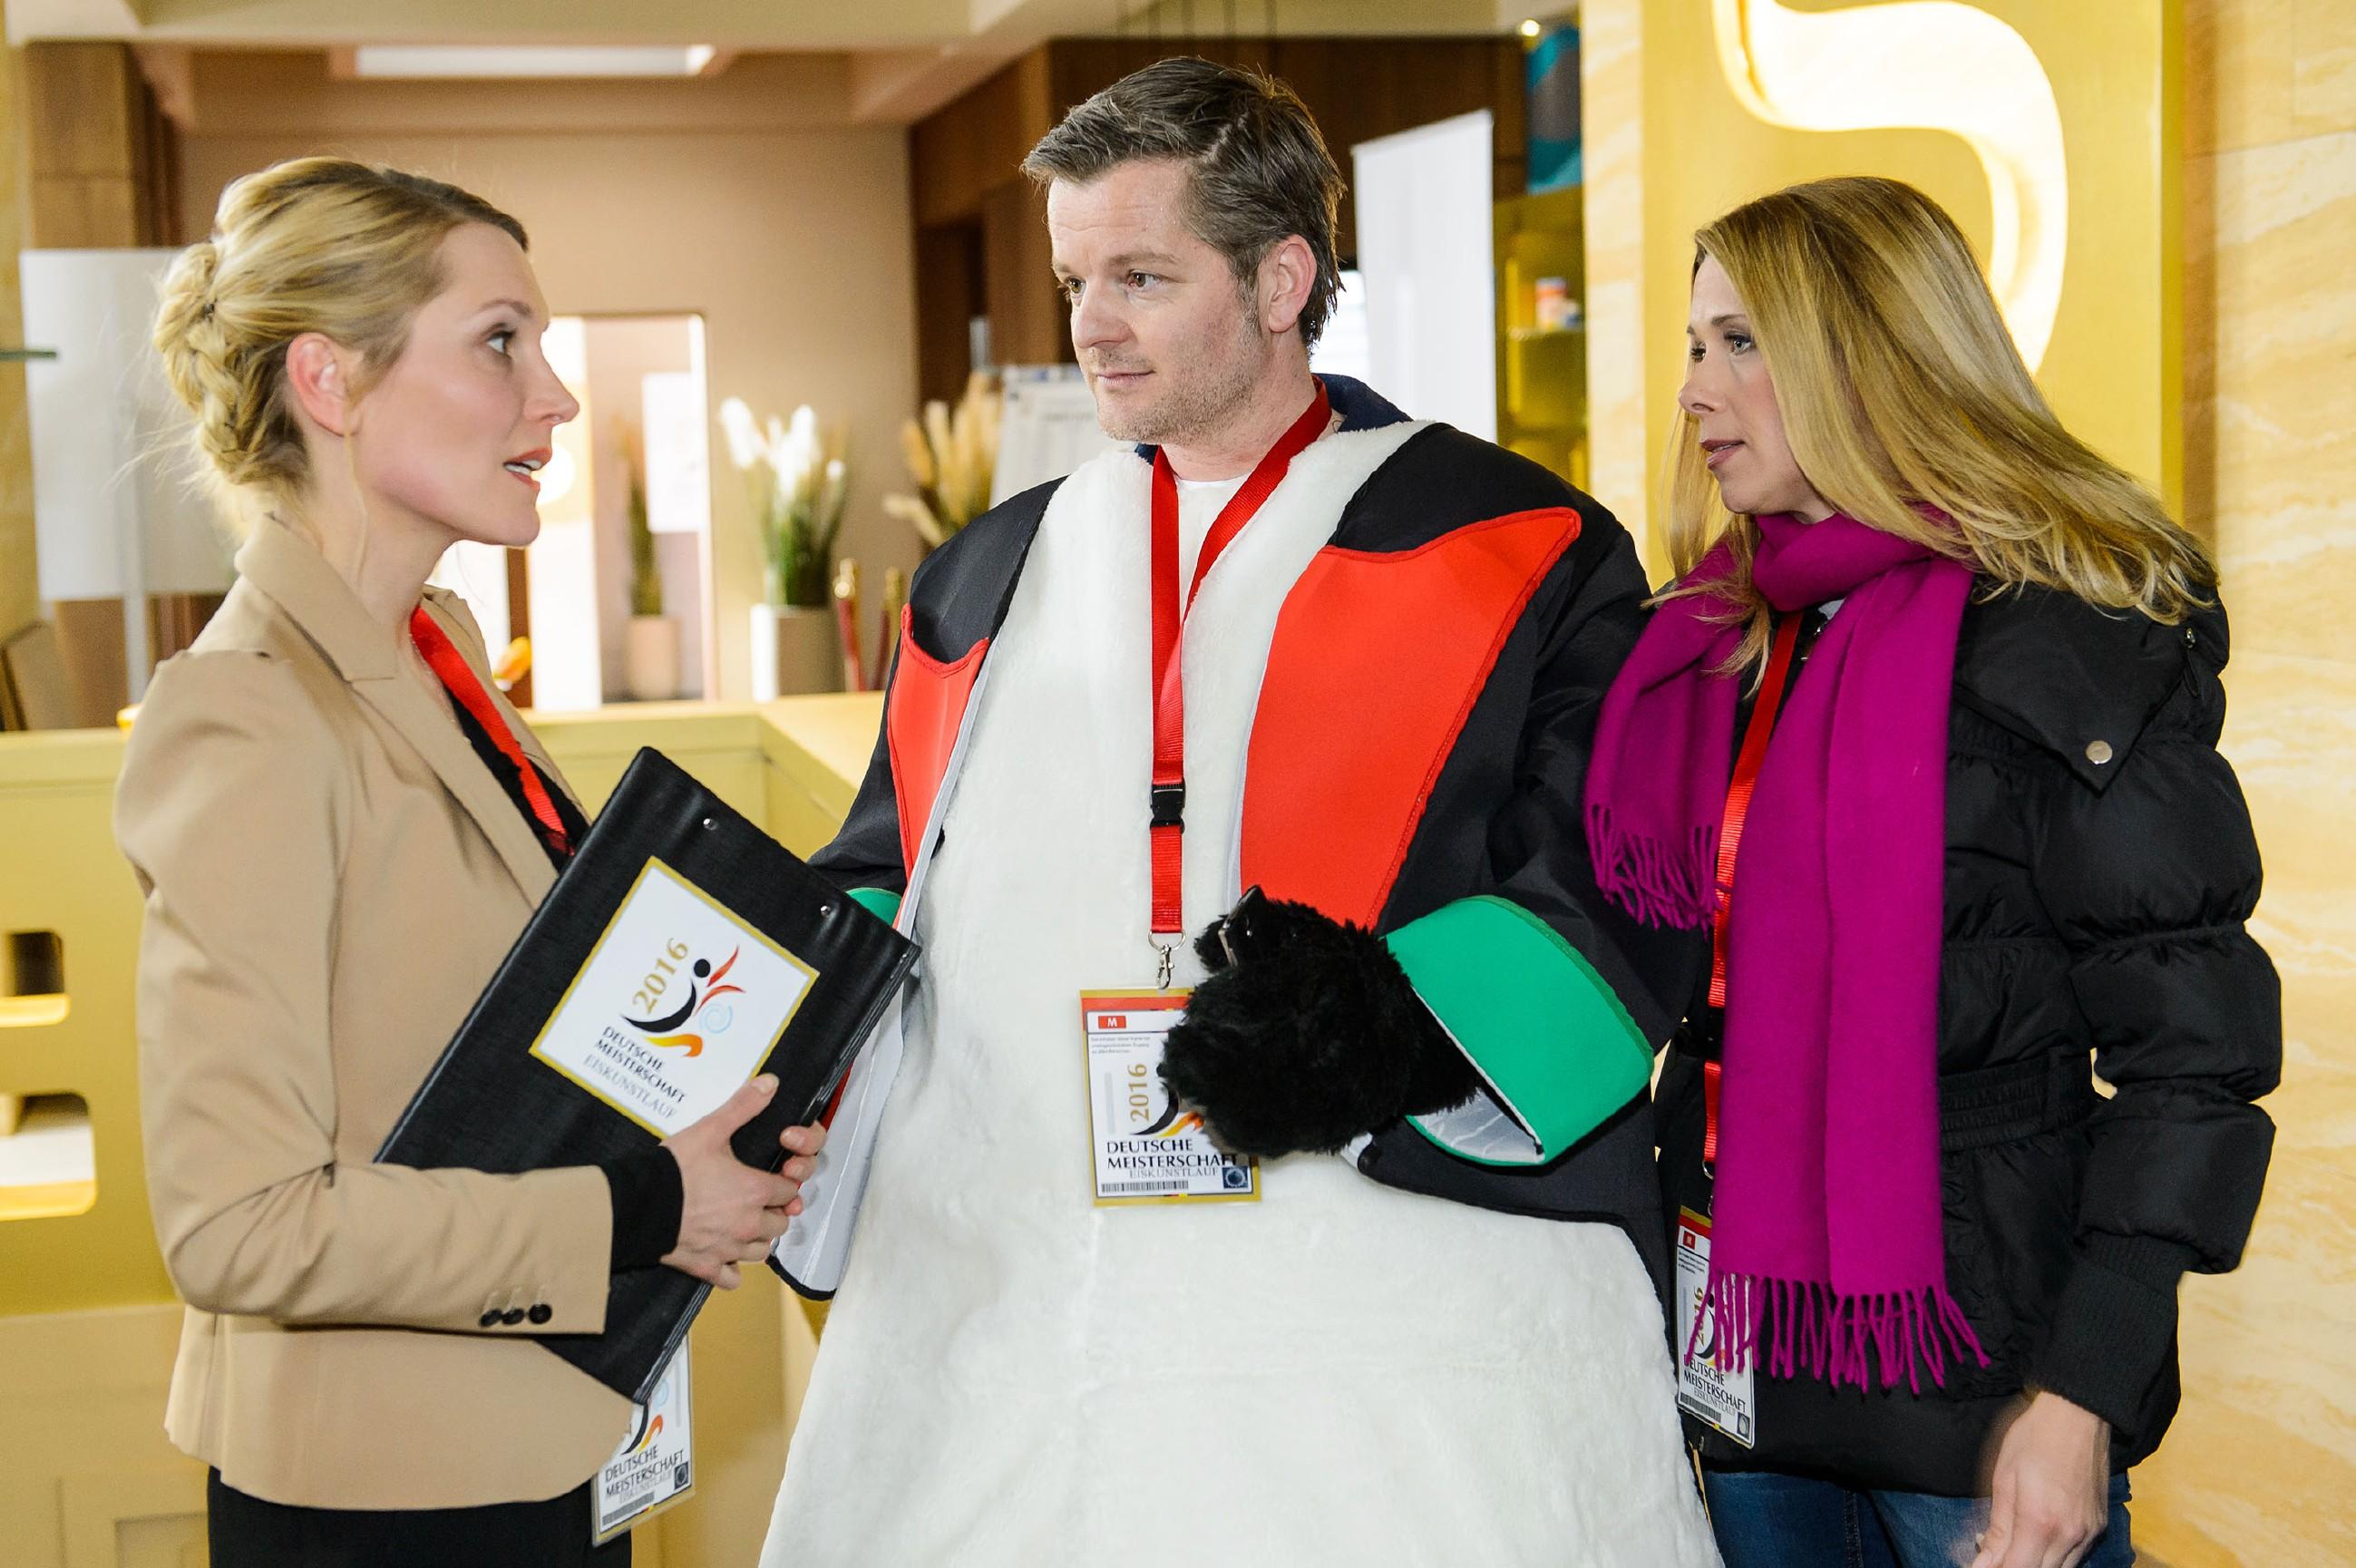 Diana (Tanja Szewczenko, r.) und Ingo (André Dietz) werden von Theresa Hansen (Mareile Moeller) darüber informiert, dass Marie vom Wettkampf disqualifiziert wird, wenn sie nicht rechtzeitig zur Kür auf dem Eis erscheint. (Quelle: RTL / Willi Weber)